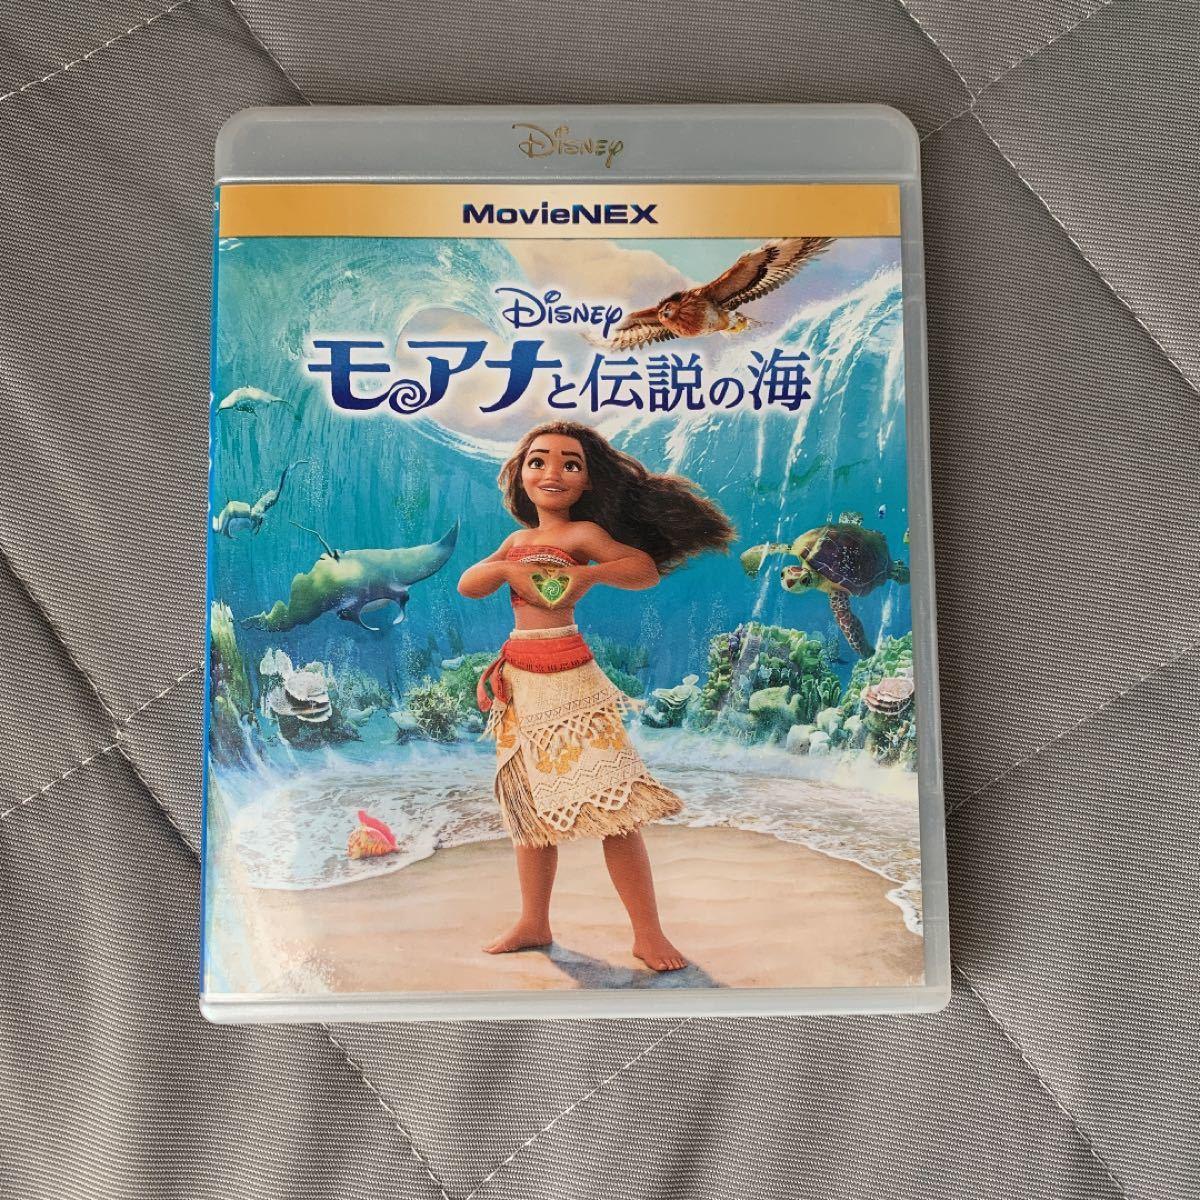 モアナと伝説の海 MovieNEX ブルーレイ+純正ケース Disney